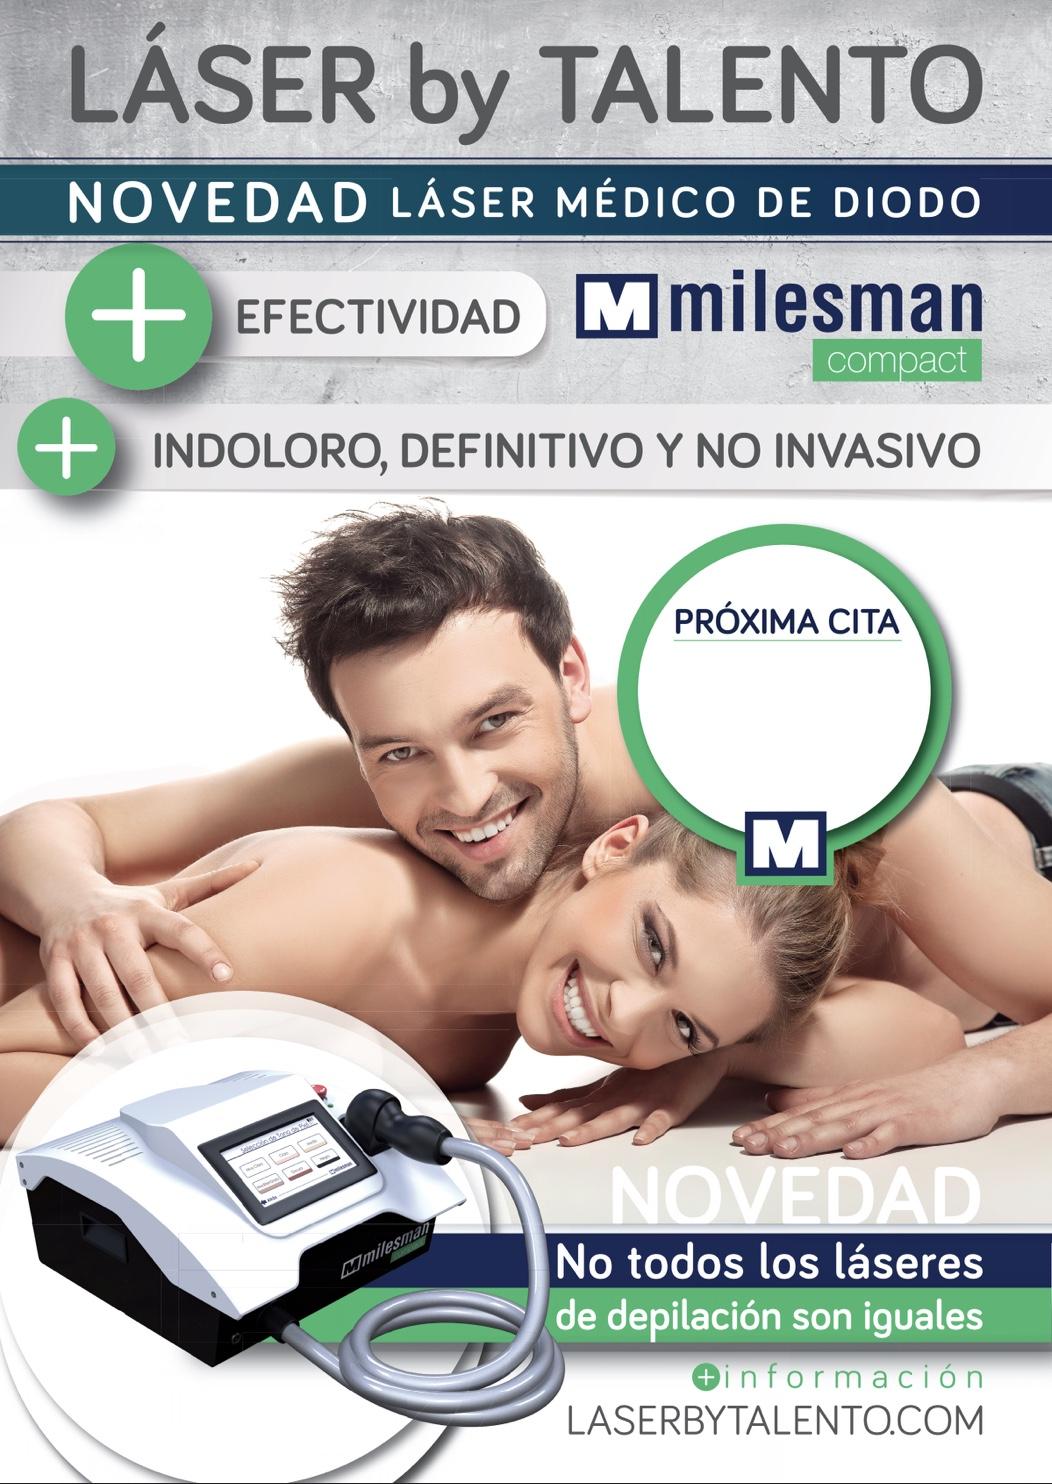 Centro Láser Médico by Domicilio